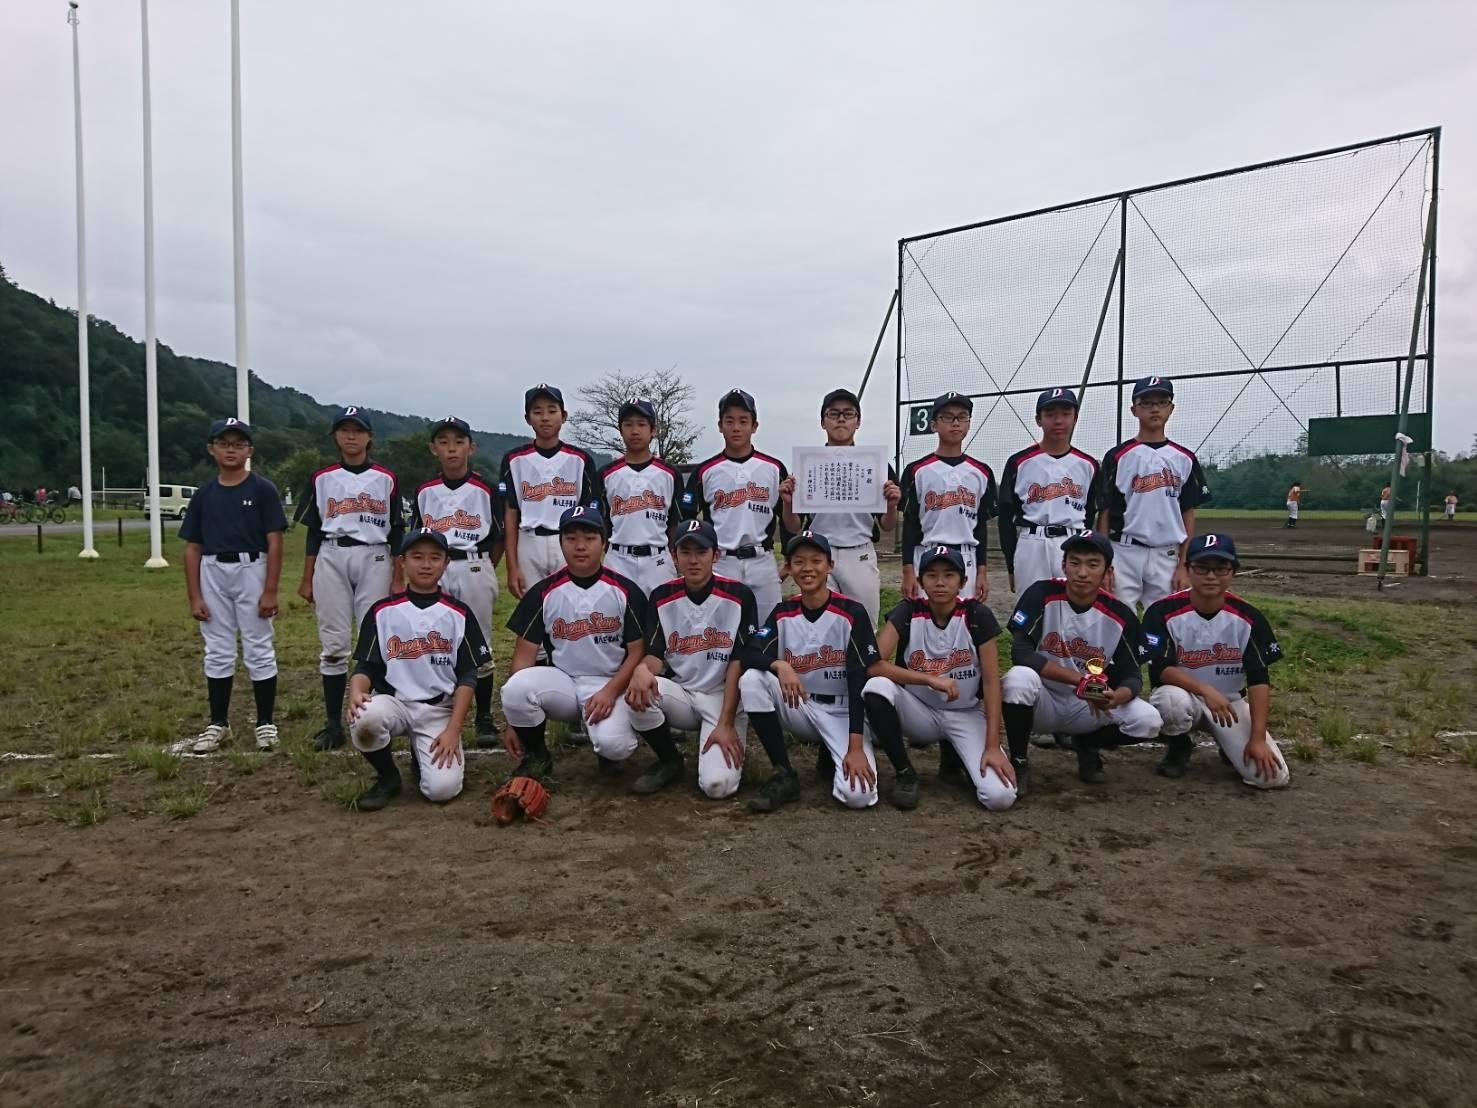 第43回八王子市少年軟式野球秋季大会 第三位(中学) 南八王子俱楽部 平成30年10月8日